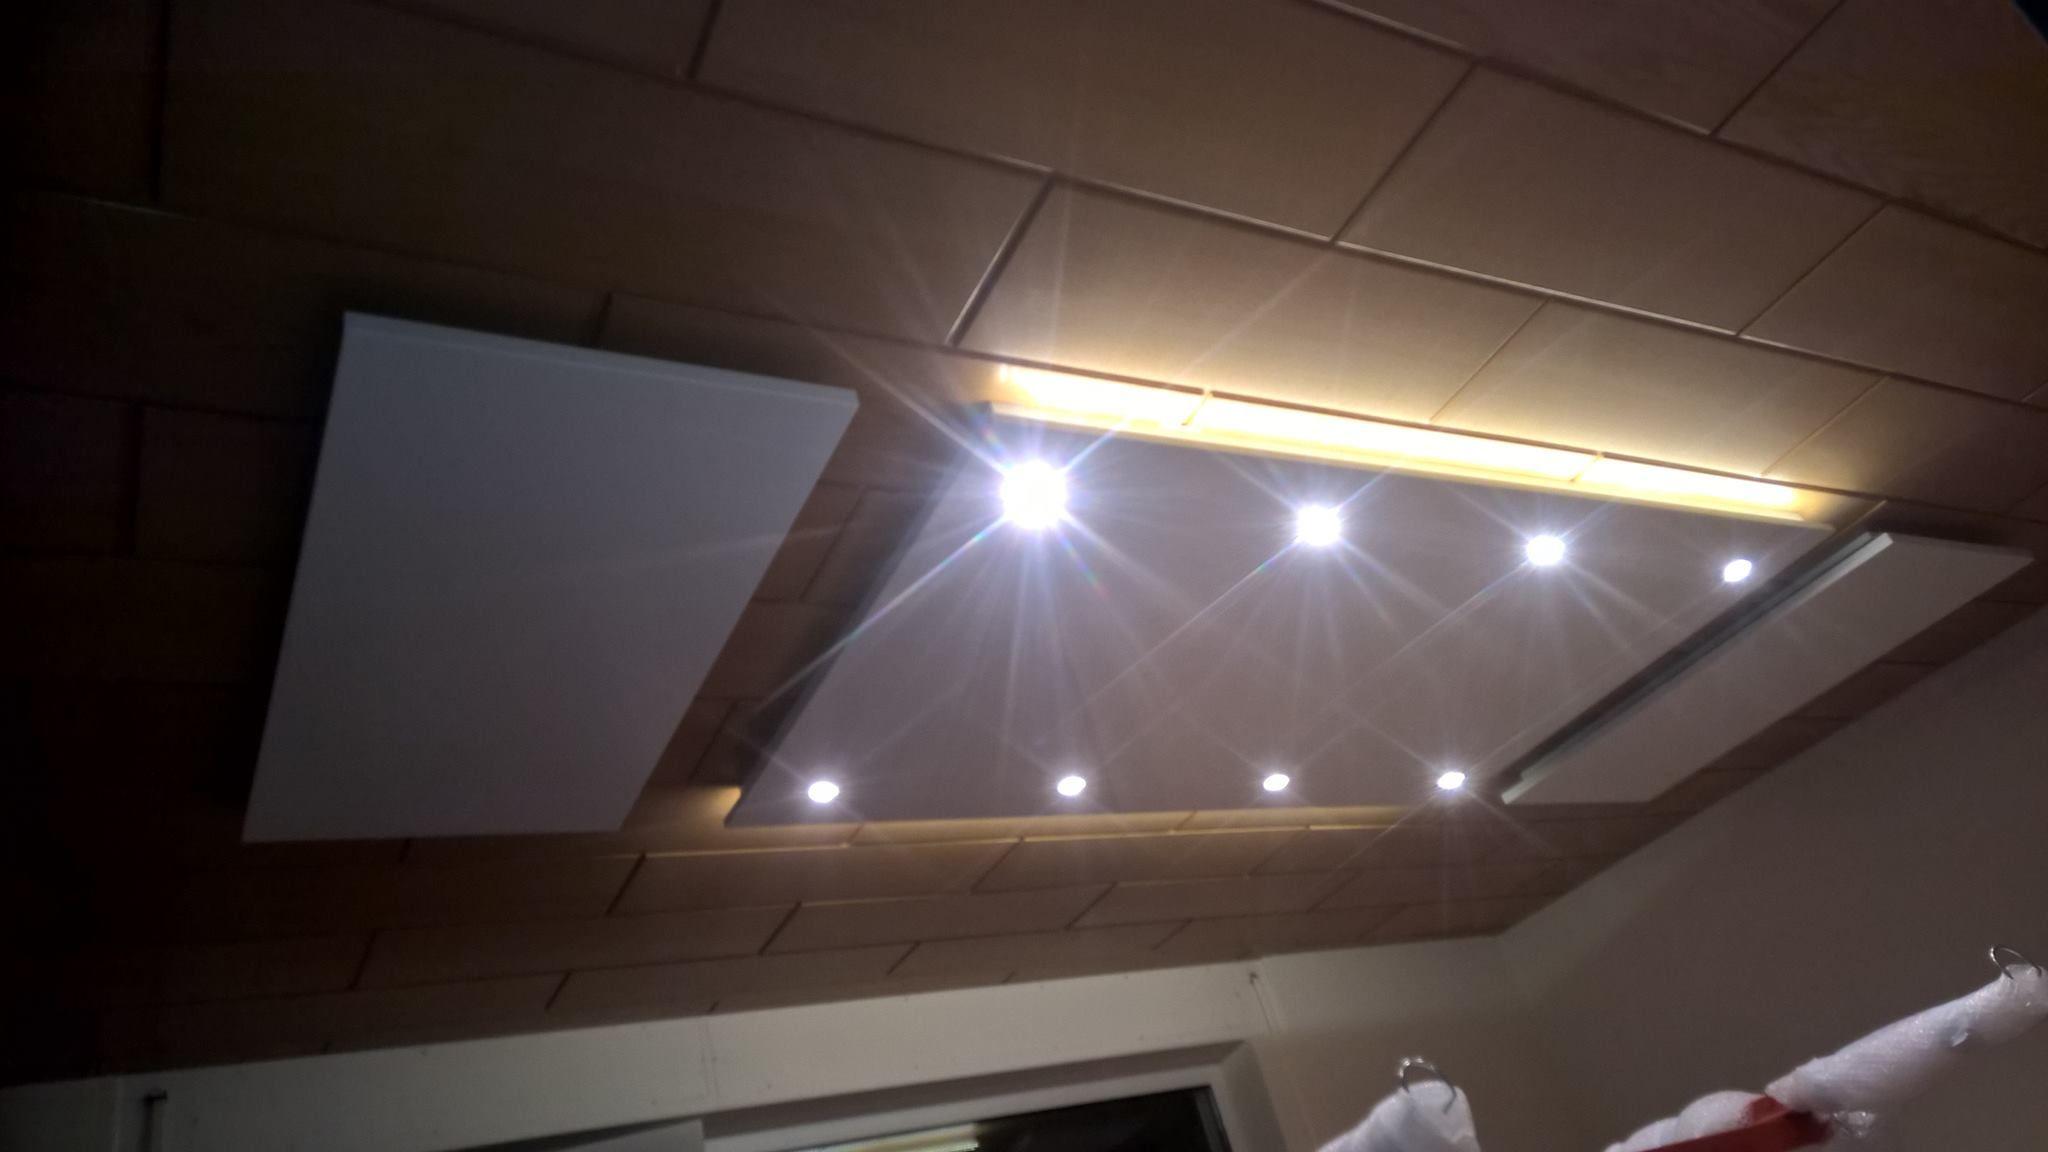 Die Perfekte Kombination Aus Infrarotheizung Und Beleuchtung In Einem Wunderschonen Lichtpaneel Xxl Mit Indir Infrarotheizung Indirekte Beleuchtung Beleuchtung